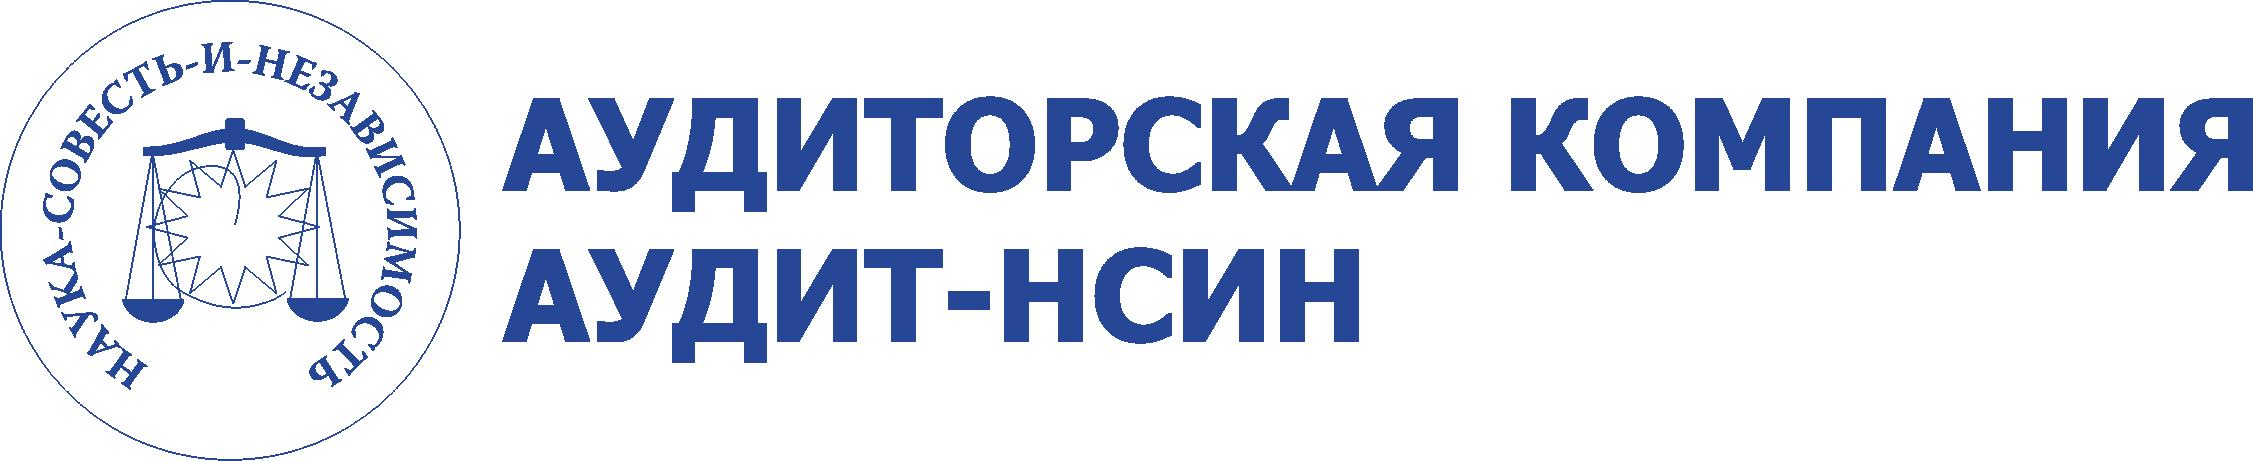 Аудиторская проверка ооо, организаций, фирм и предприятий - «Аудит-НСИН»